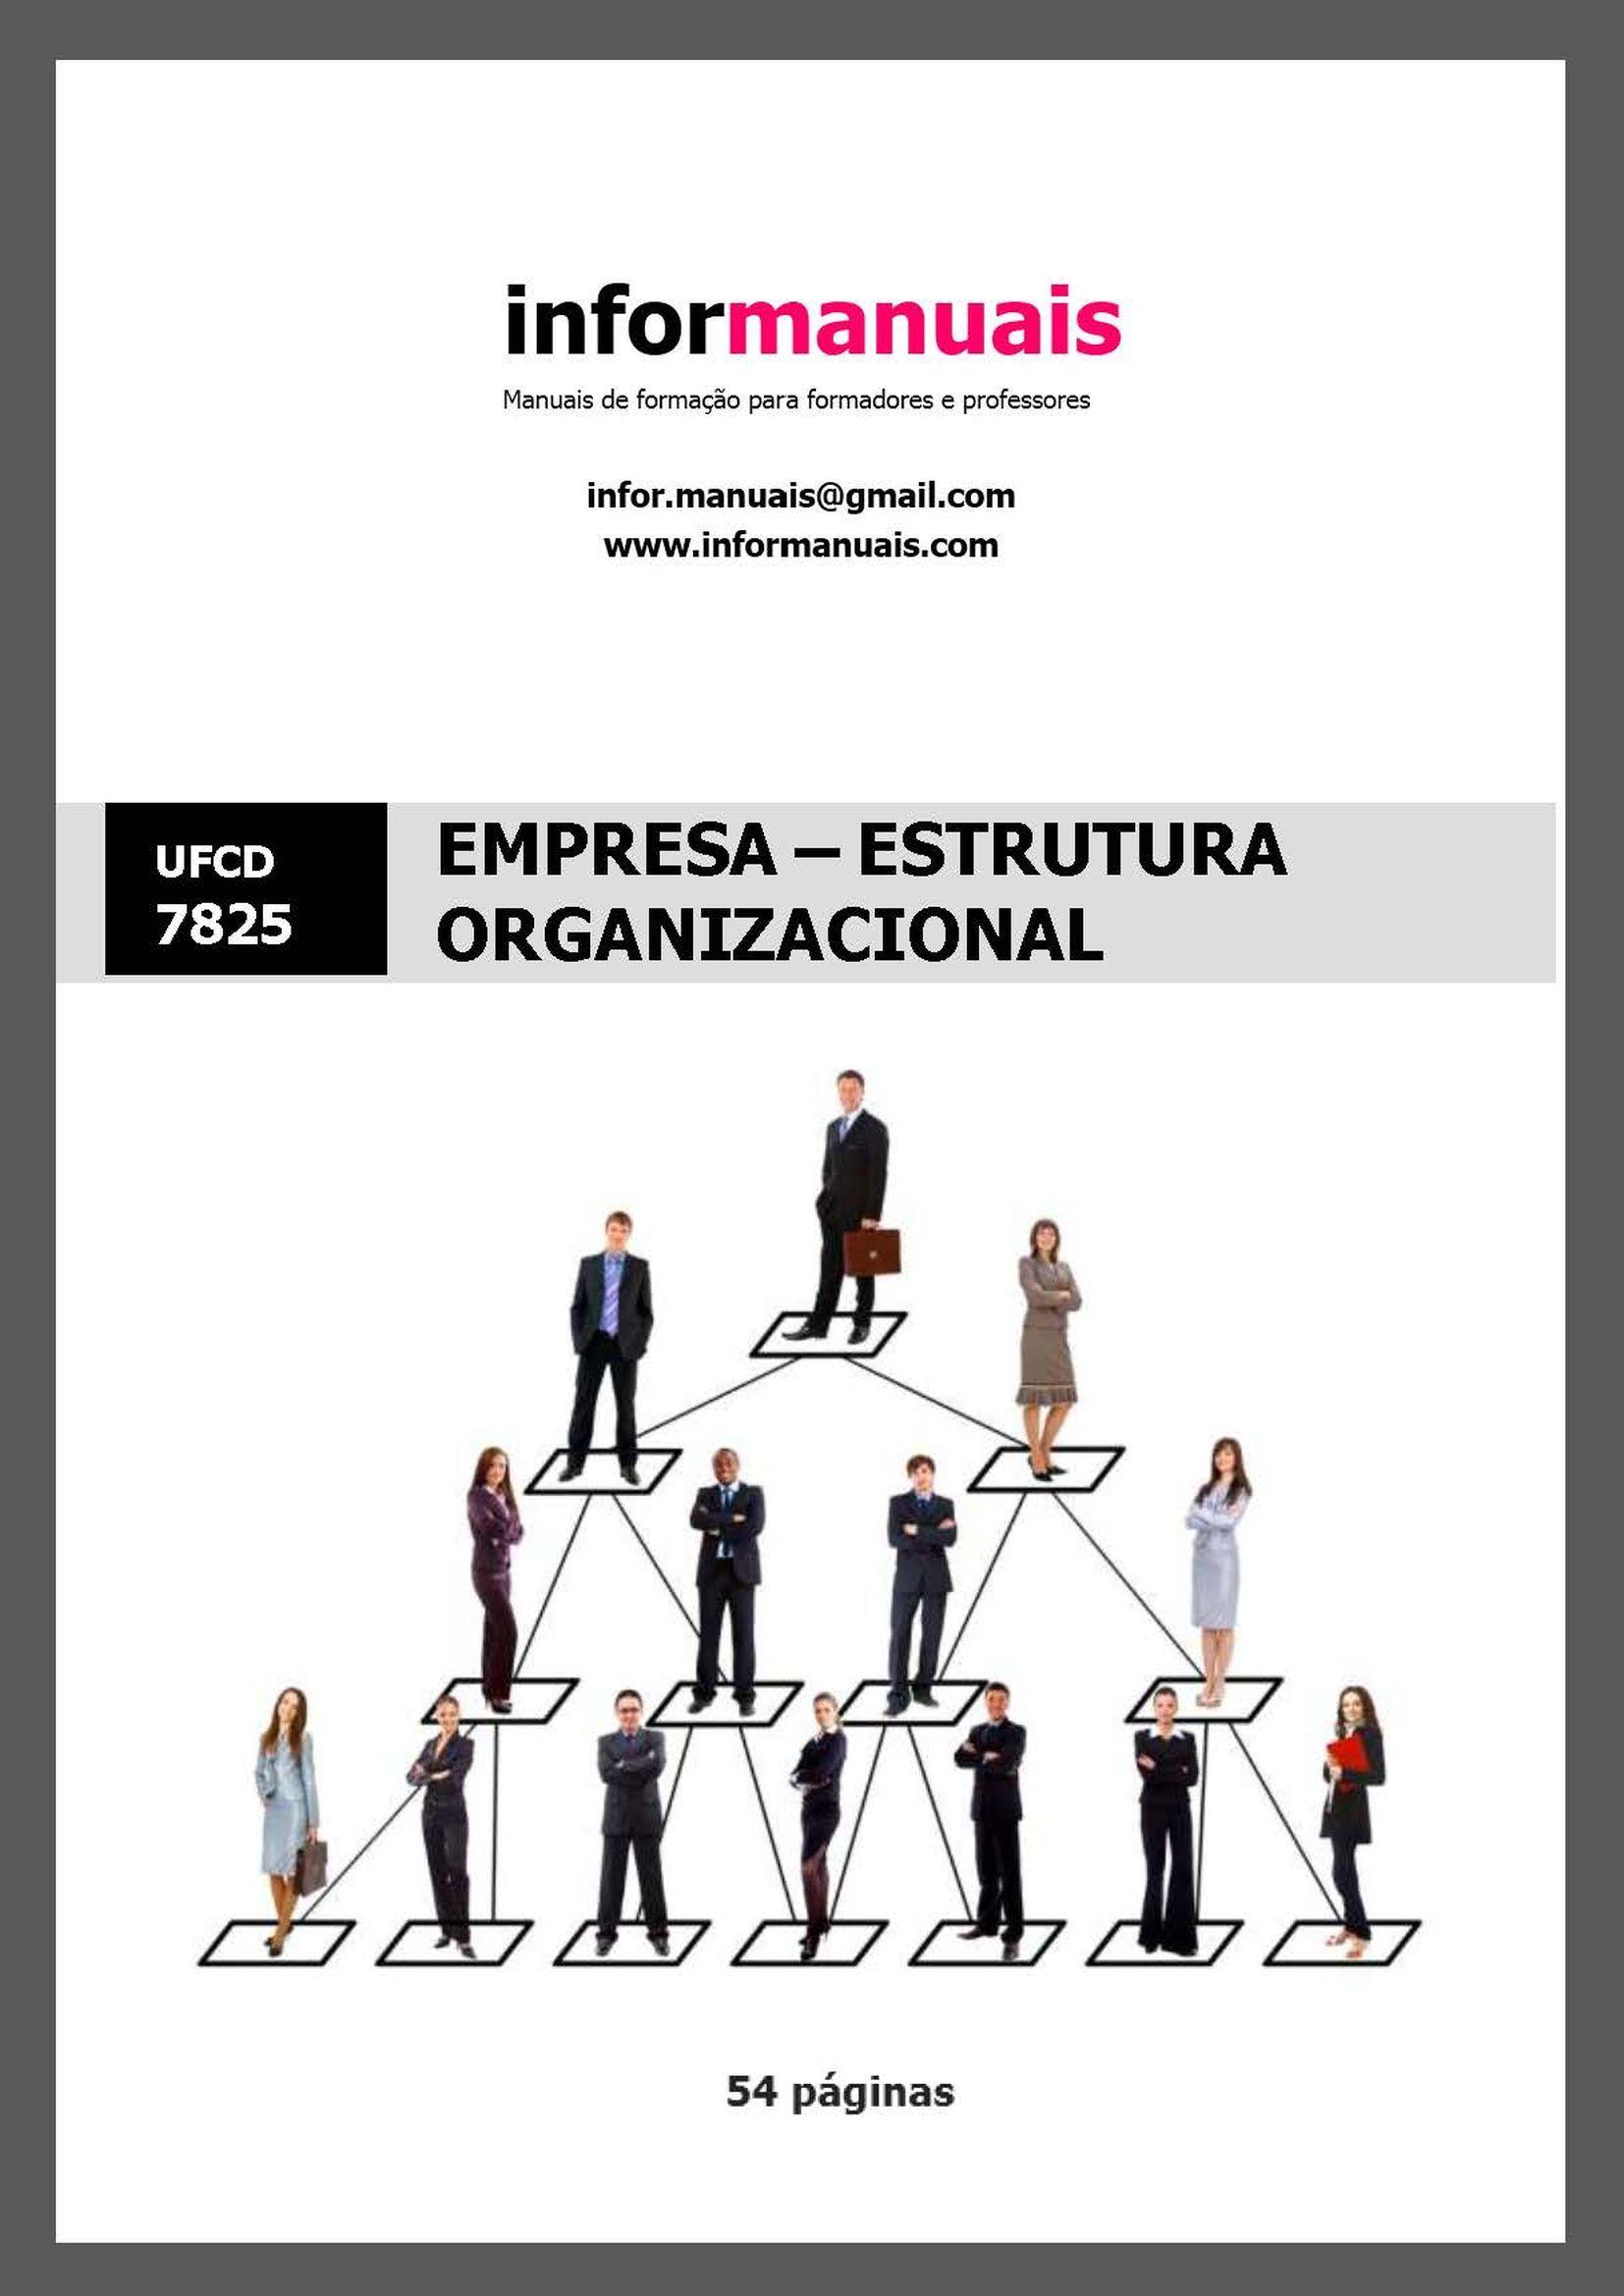 7825. Empresa - Estrutura organizacional